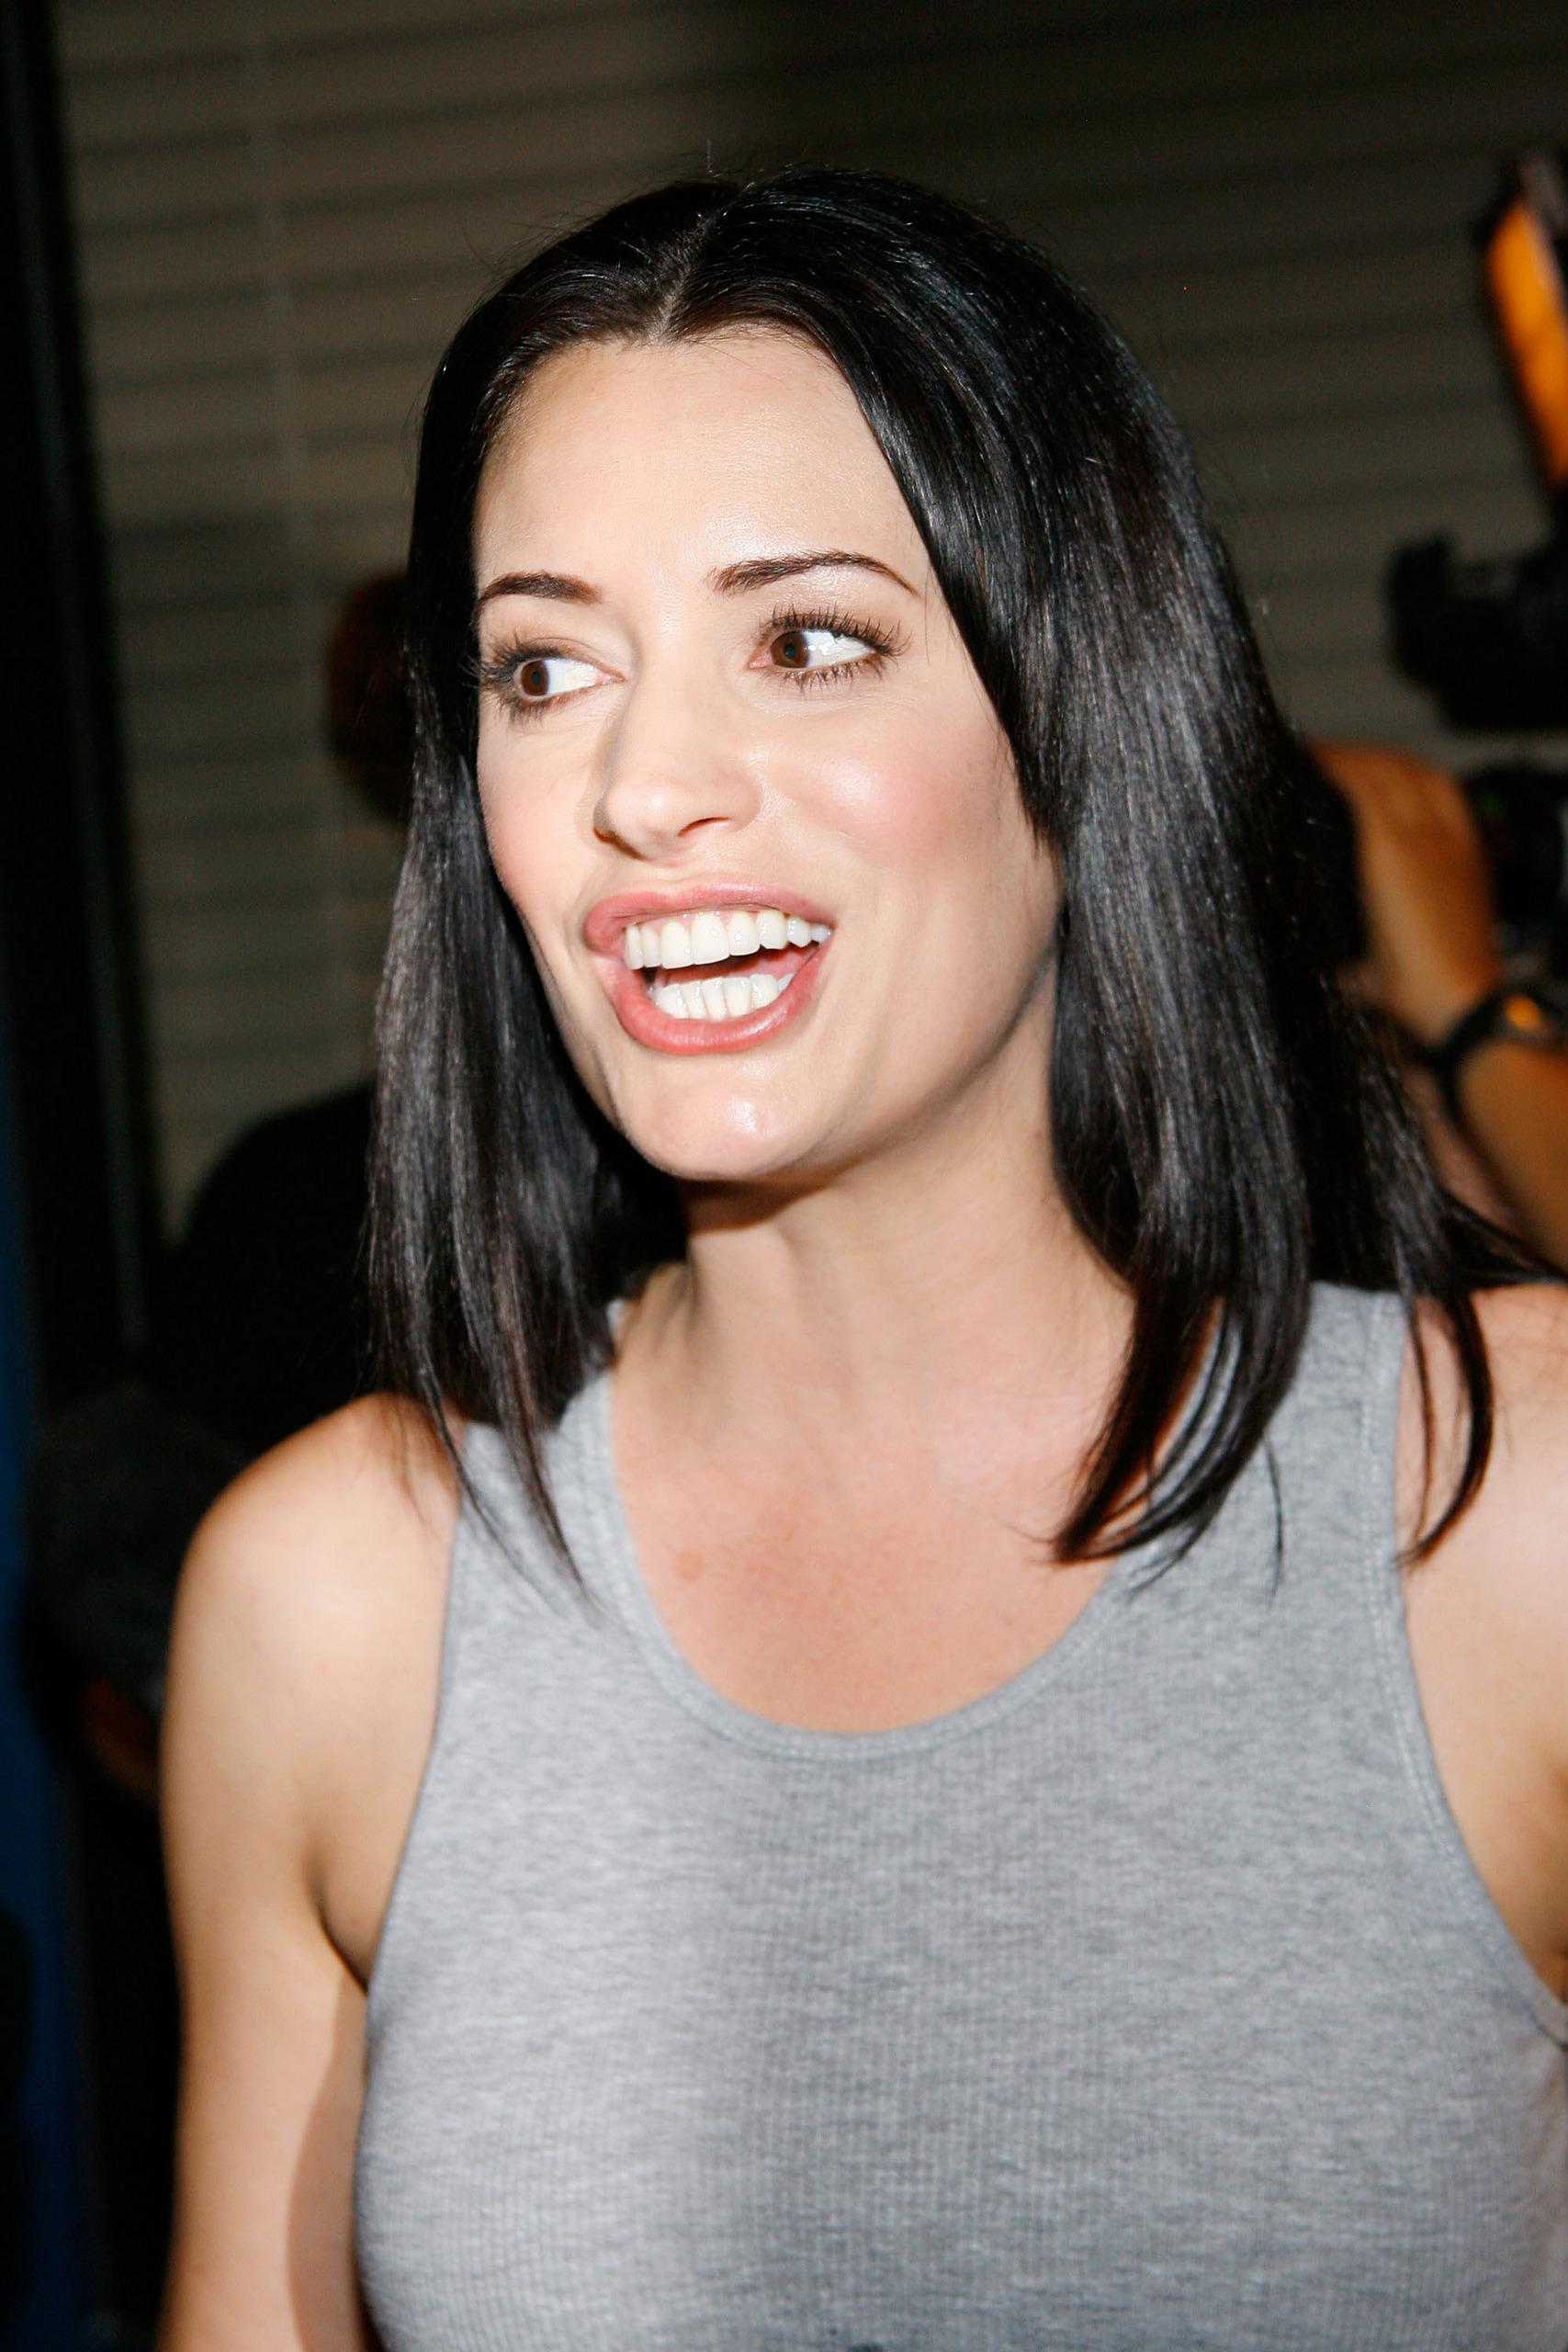 Paget Brewster Images Paget Brewster Celebrating 100th Episode Of Criminal Minds Hd Wallpaper